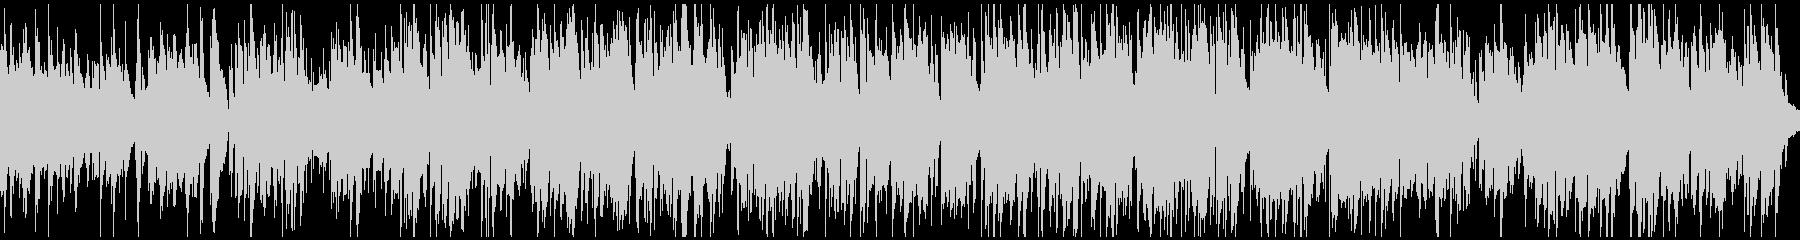 バリトンサックス生演奏のジャズ※ループ版の未再生の波形